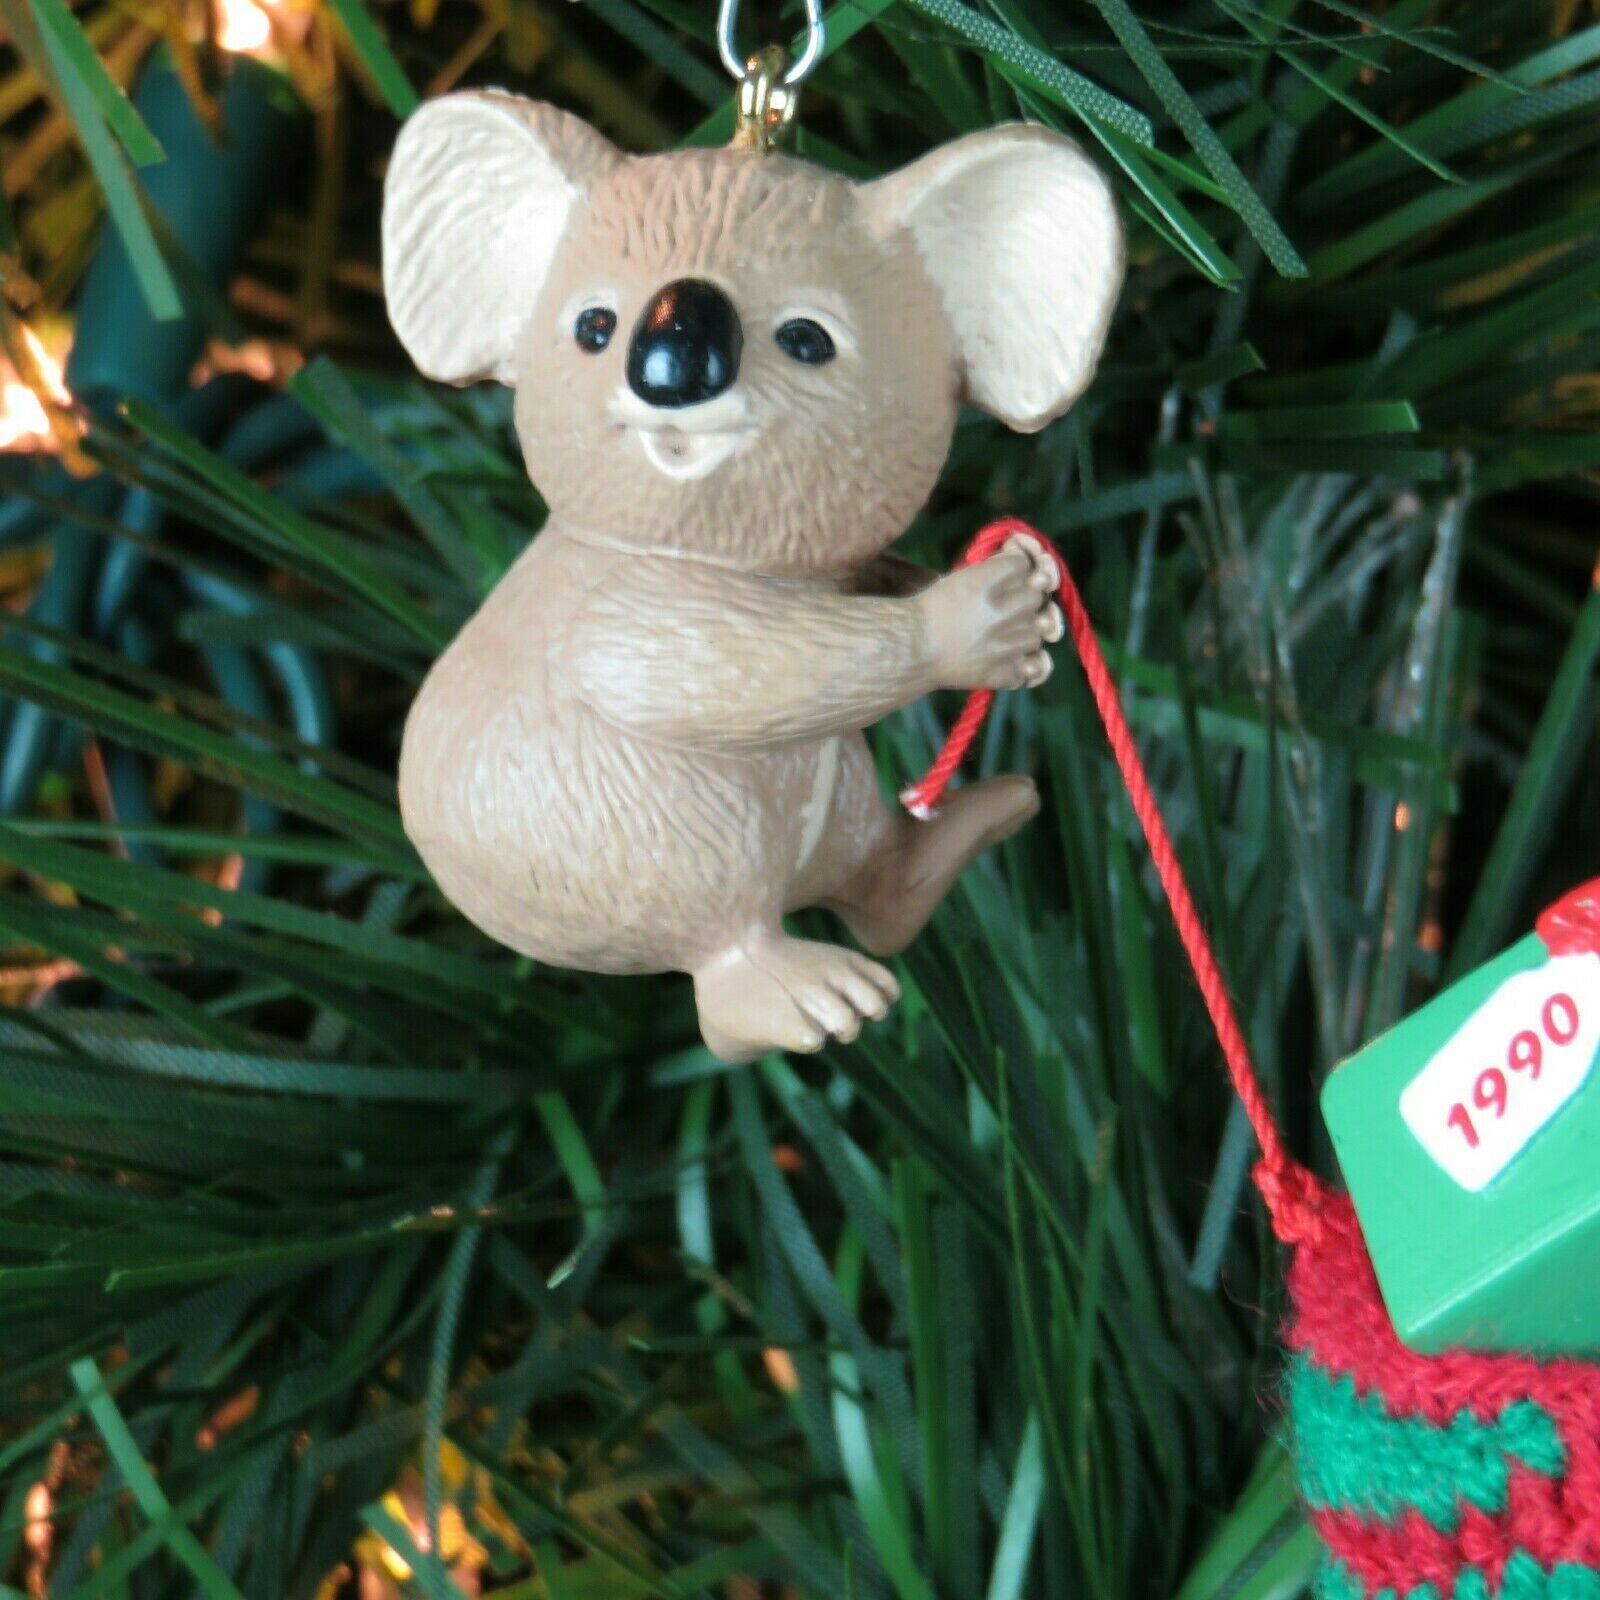 Vintage Koala Christmas Stocking Ornament Hallmark Keepsake 1990 image 12